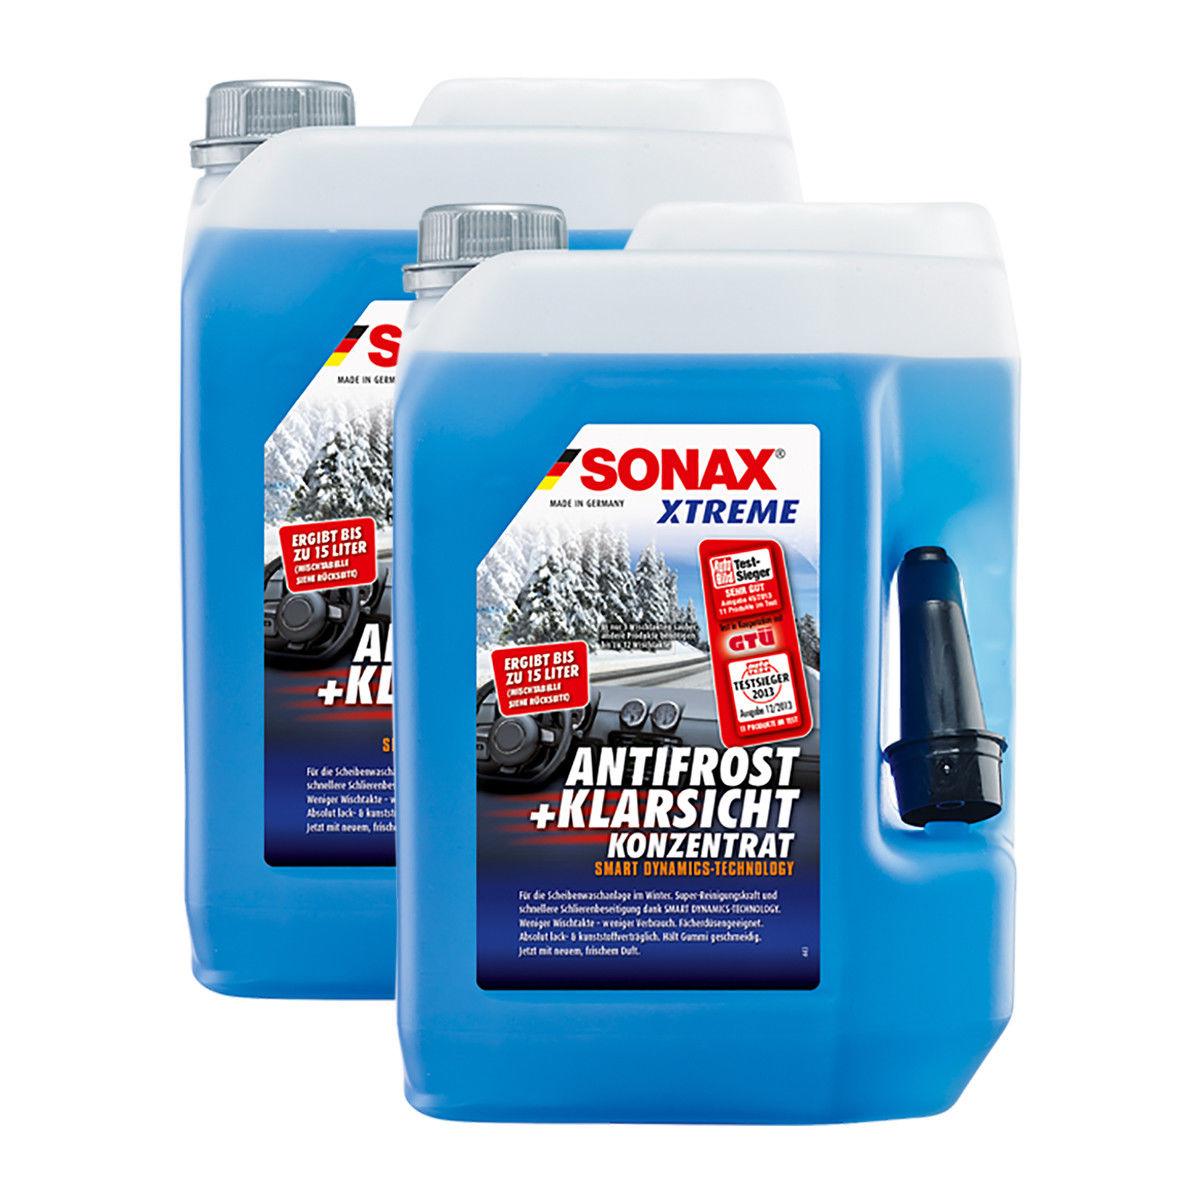 Bild zu Sonax Xtreme AntiFrost + KlarSicht Scheiben Frostschutz im Doppelpack für 23,99€ (Vergleich: 31,83€)